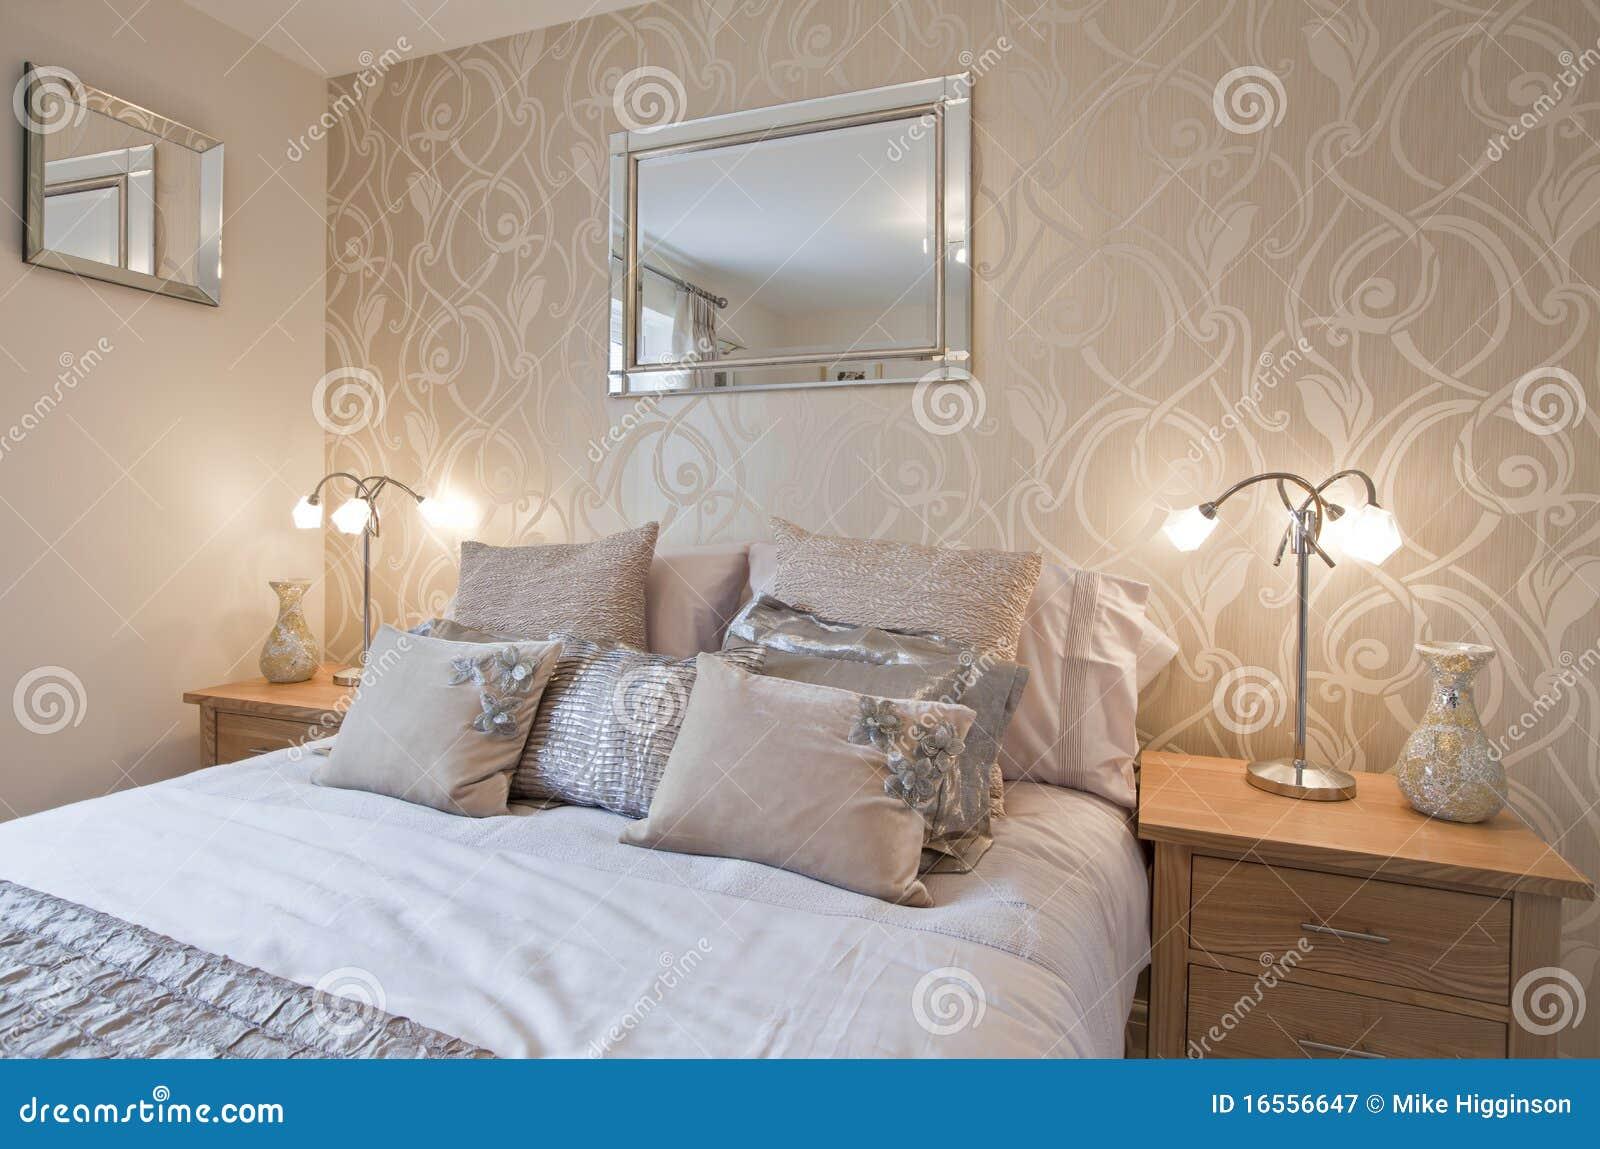 Camera da letto elegante moderna immagine stock immagine di ammortizzatore opulent 16556647 - Camera da letto bordeaux ...